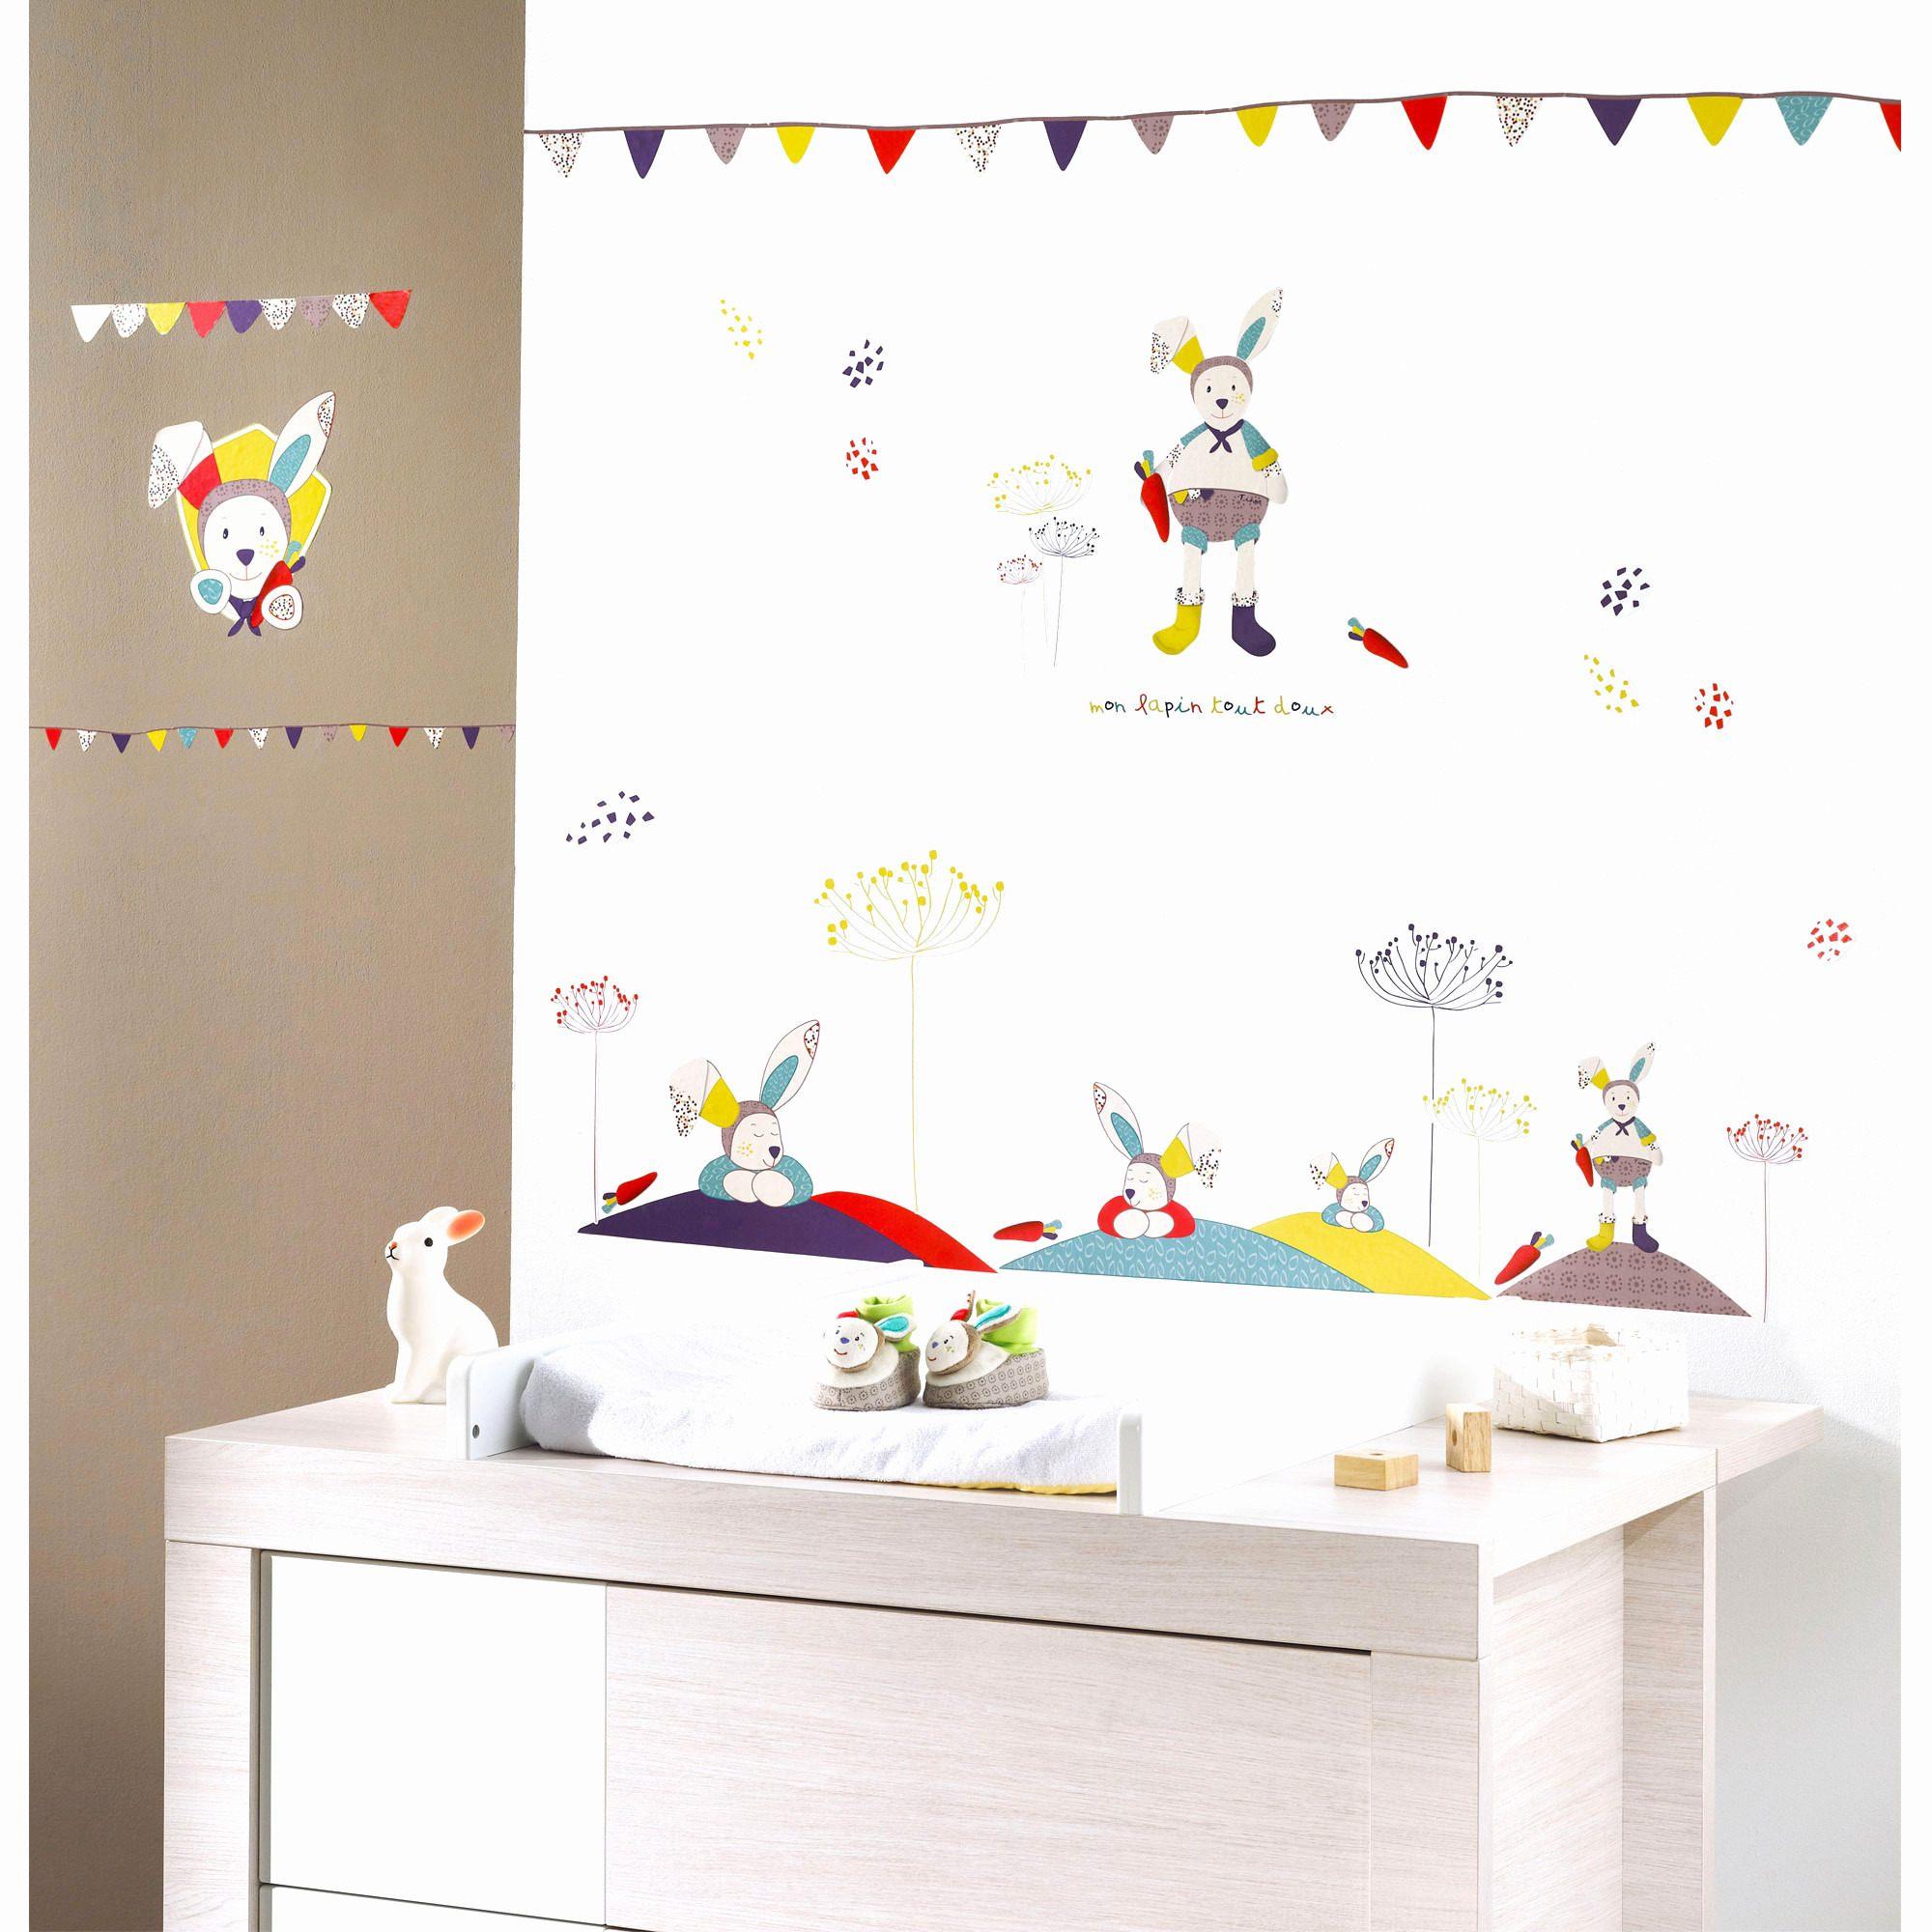 Lit Enfant Bois Génial Stickers Chambre Fille Beau Chambre Bebe Bois Blanc Belle Banquette